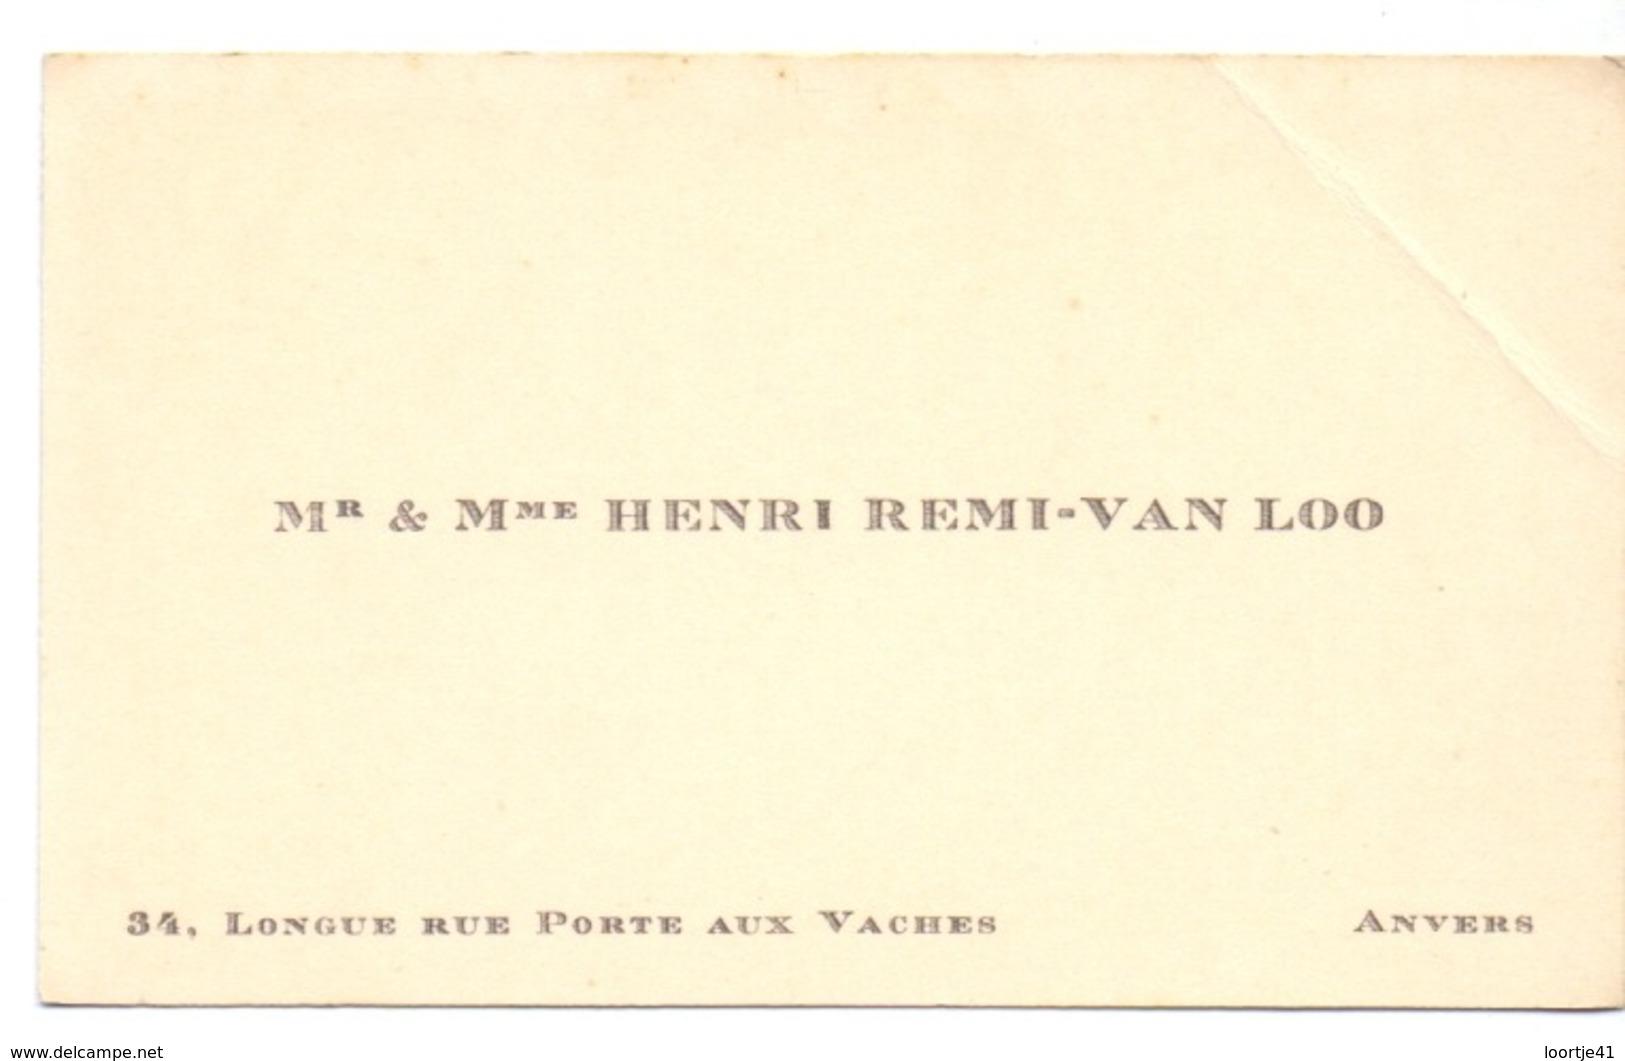 Visitekaartje - Carte Visite - Mr & Mme Henri Remi - Van Loo - Anvers Antwerpen - Cartes De Visite